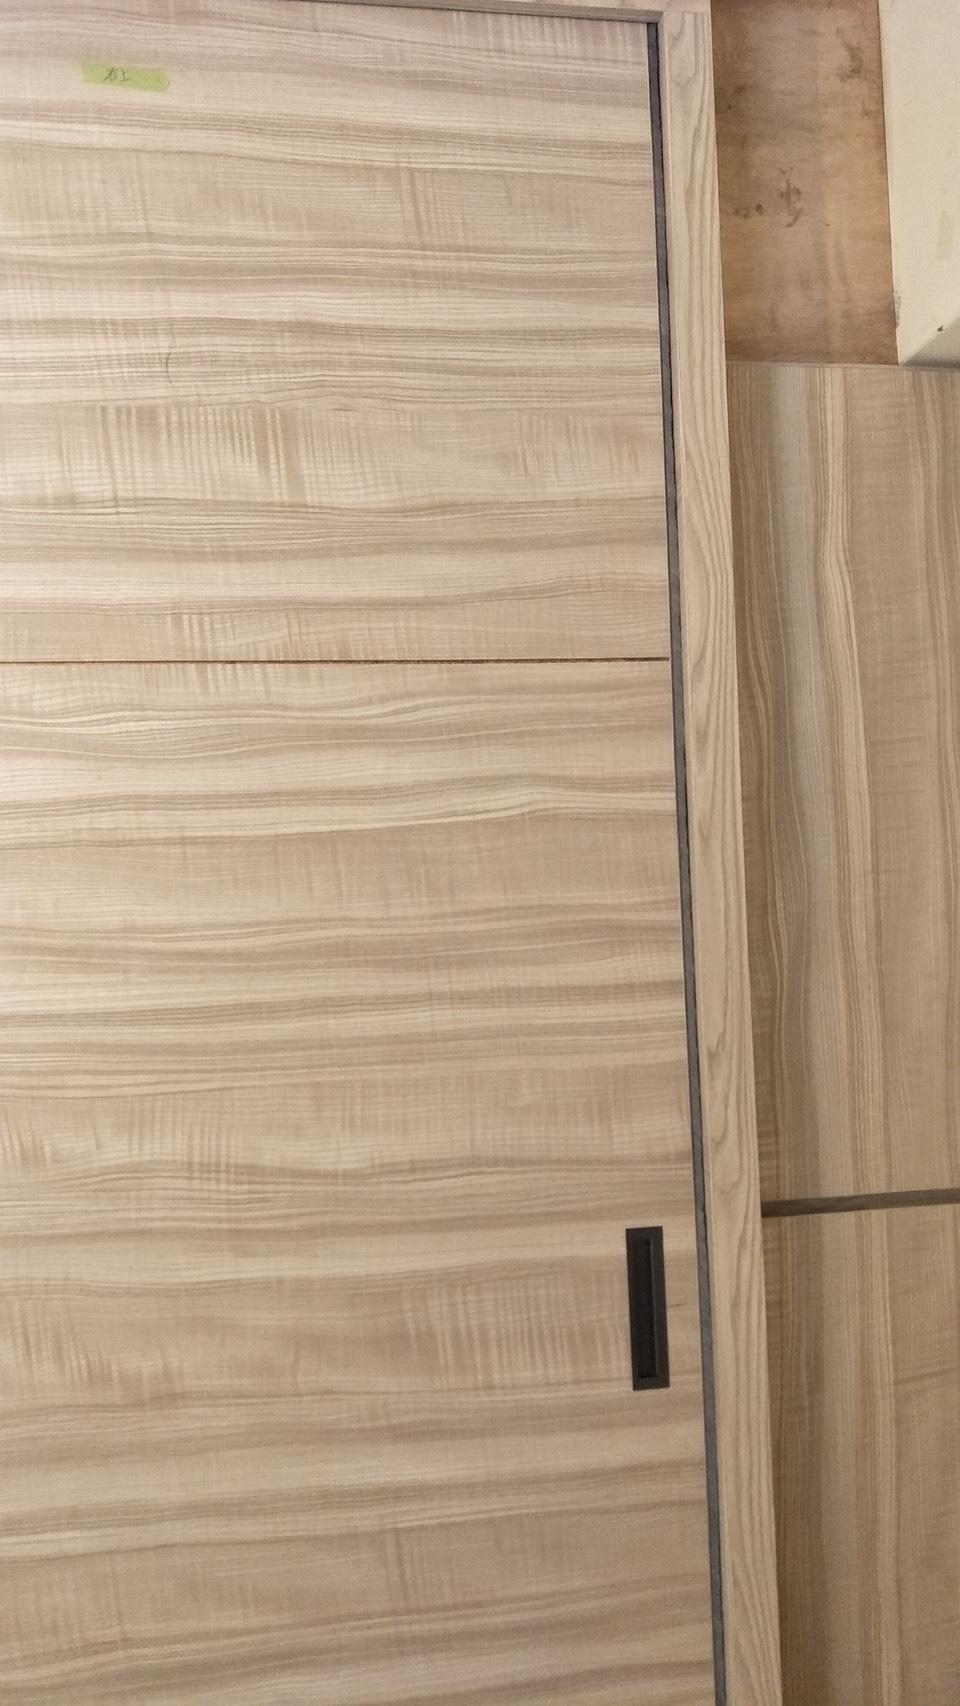 台北市住家室內裝潢衣櫃系統櫃木工 (23)